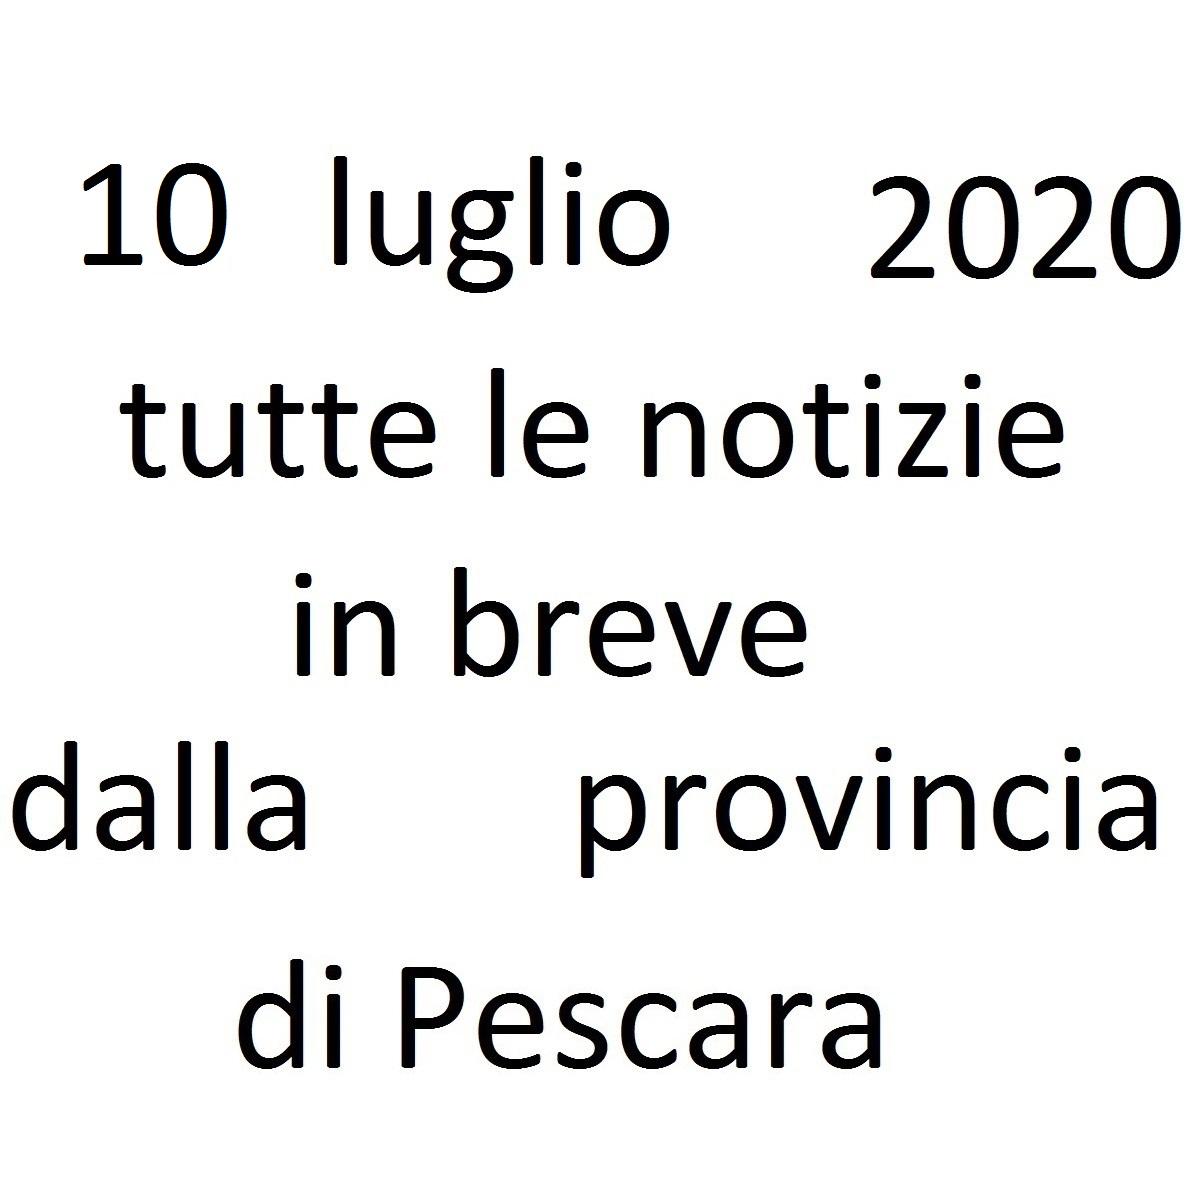 10 luglio 2020 notizie in breve dalla Provincia di Pescara foto